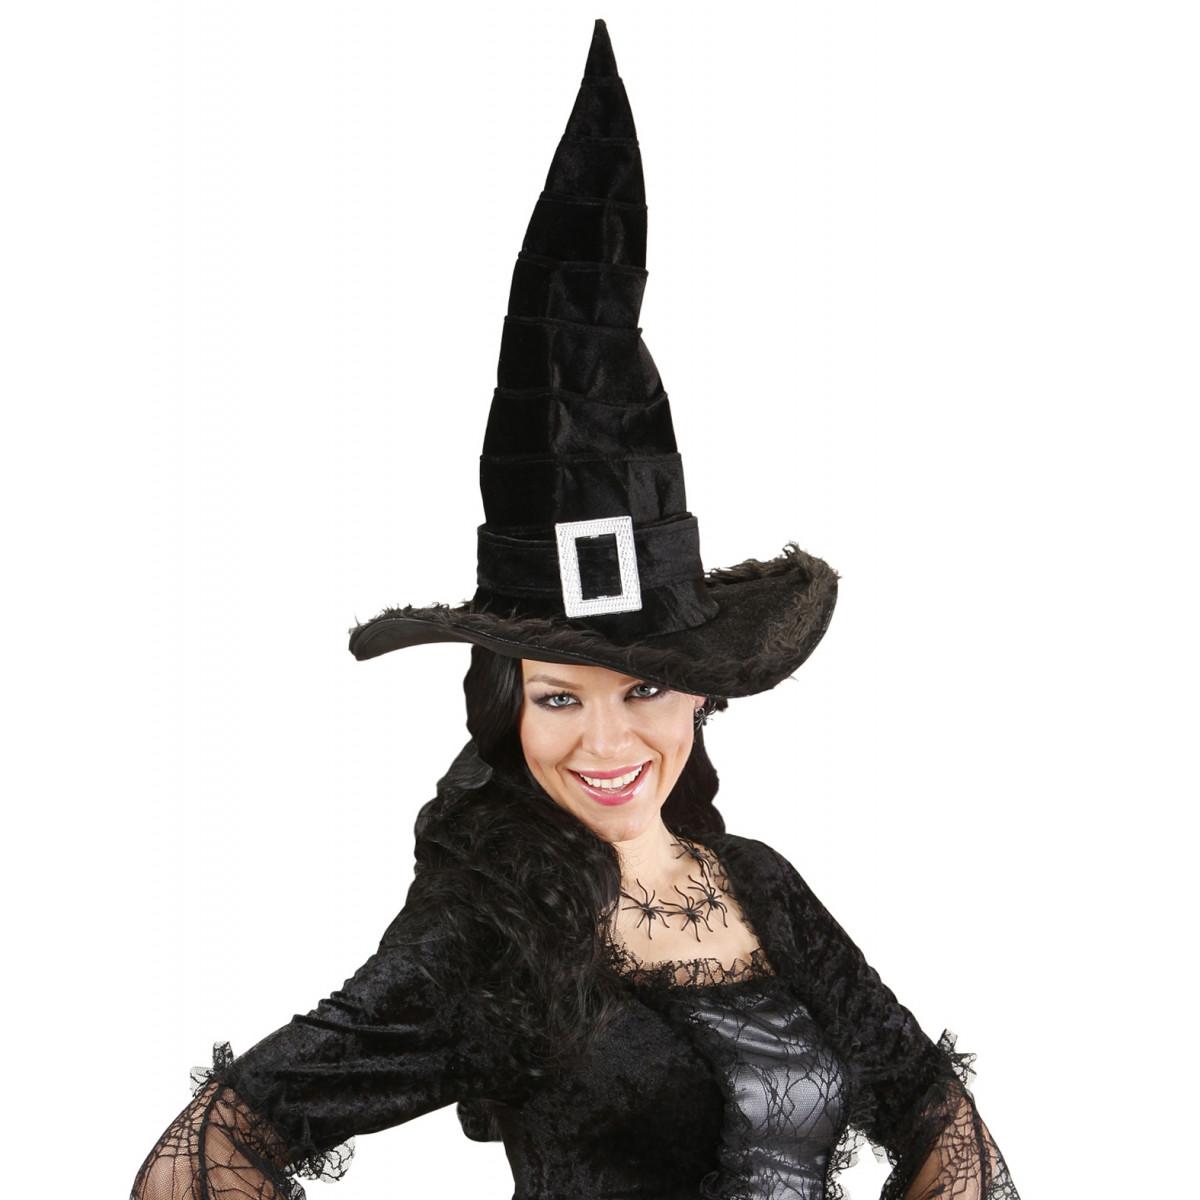 kvaliteten klobuk za čarovnico 5499